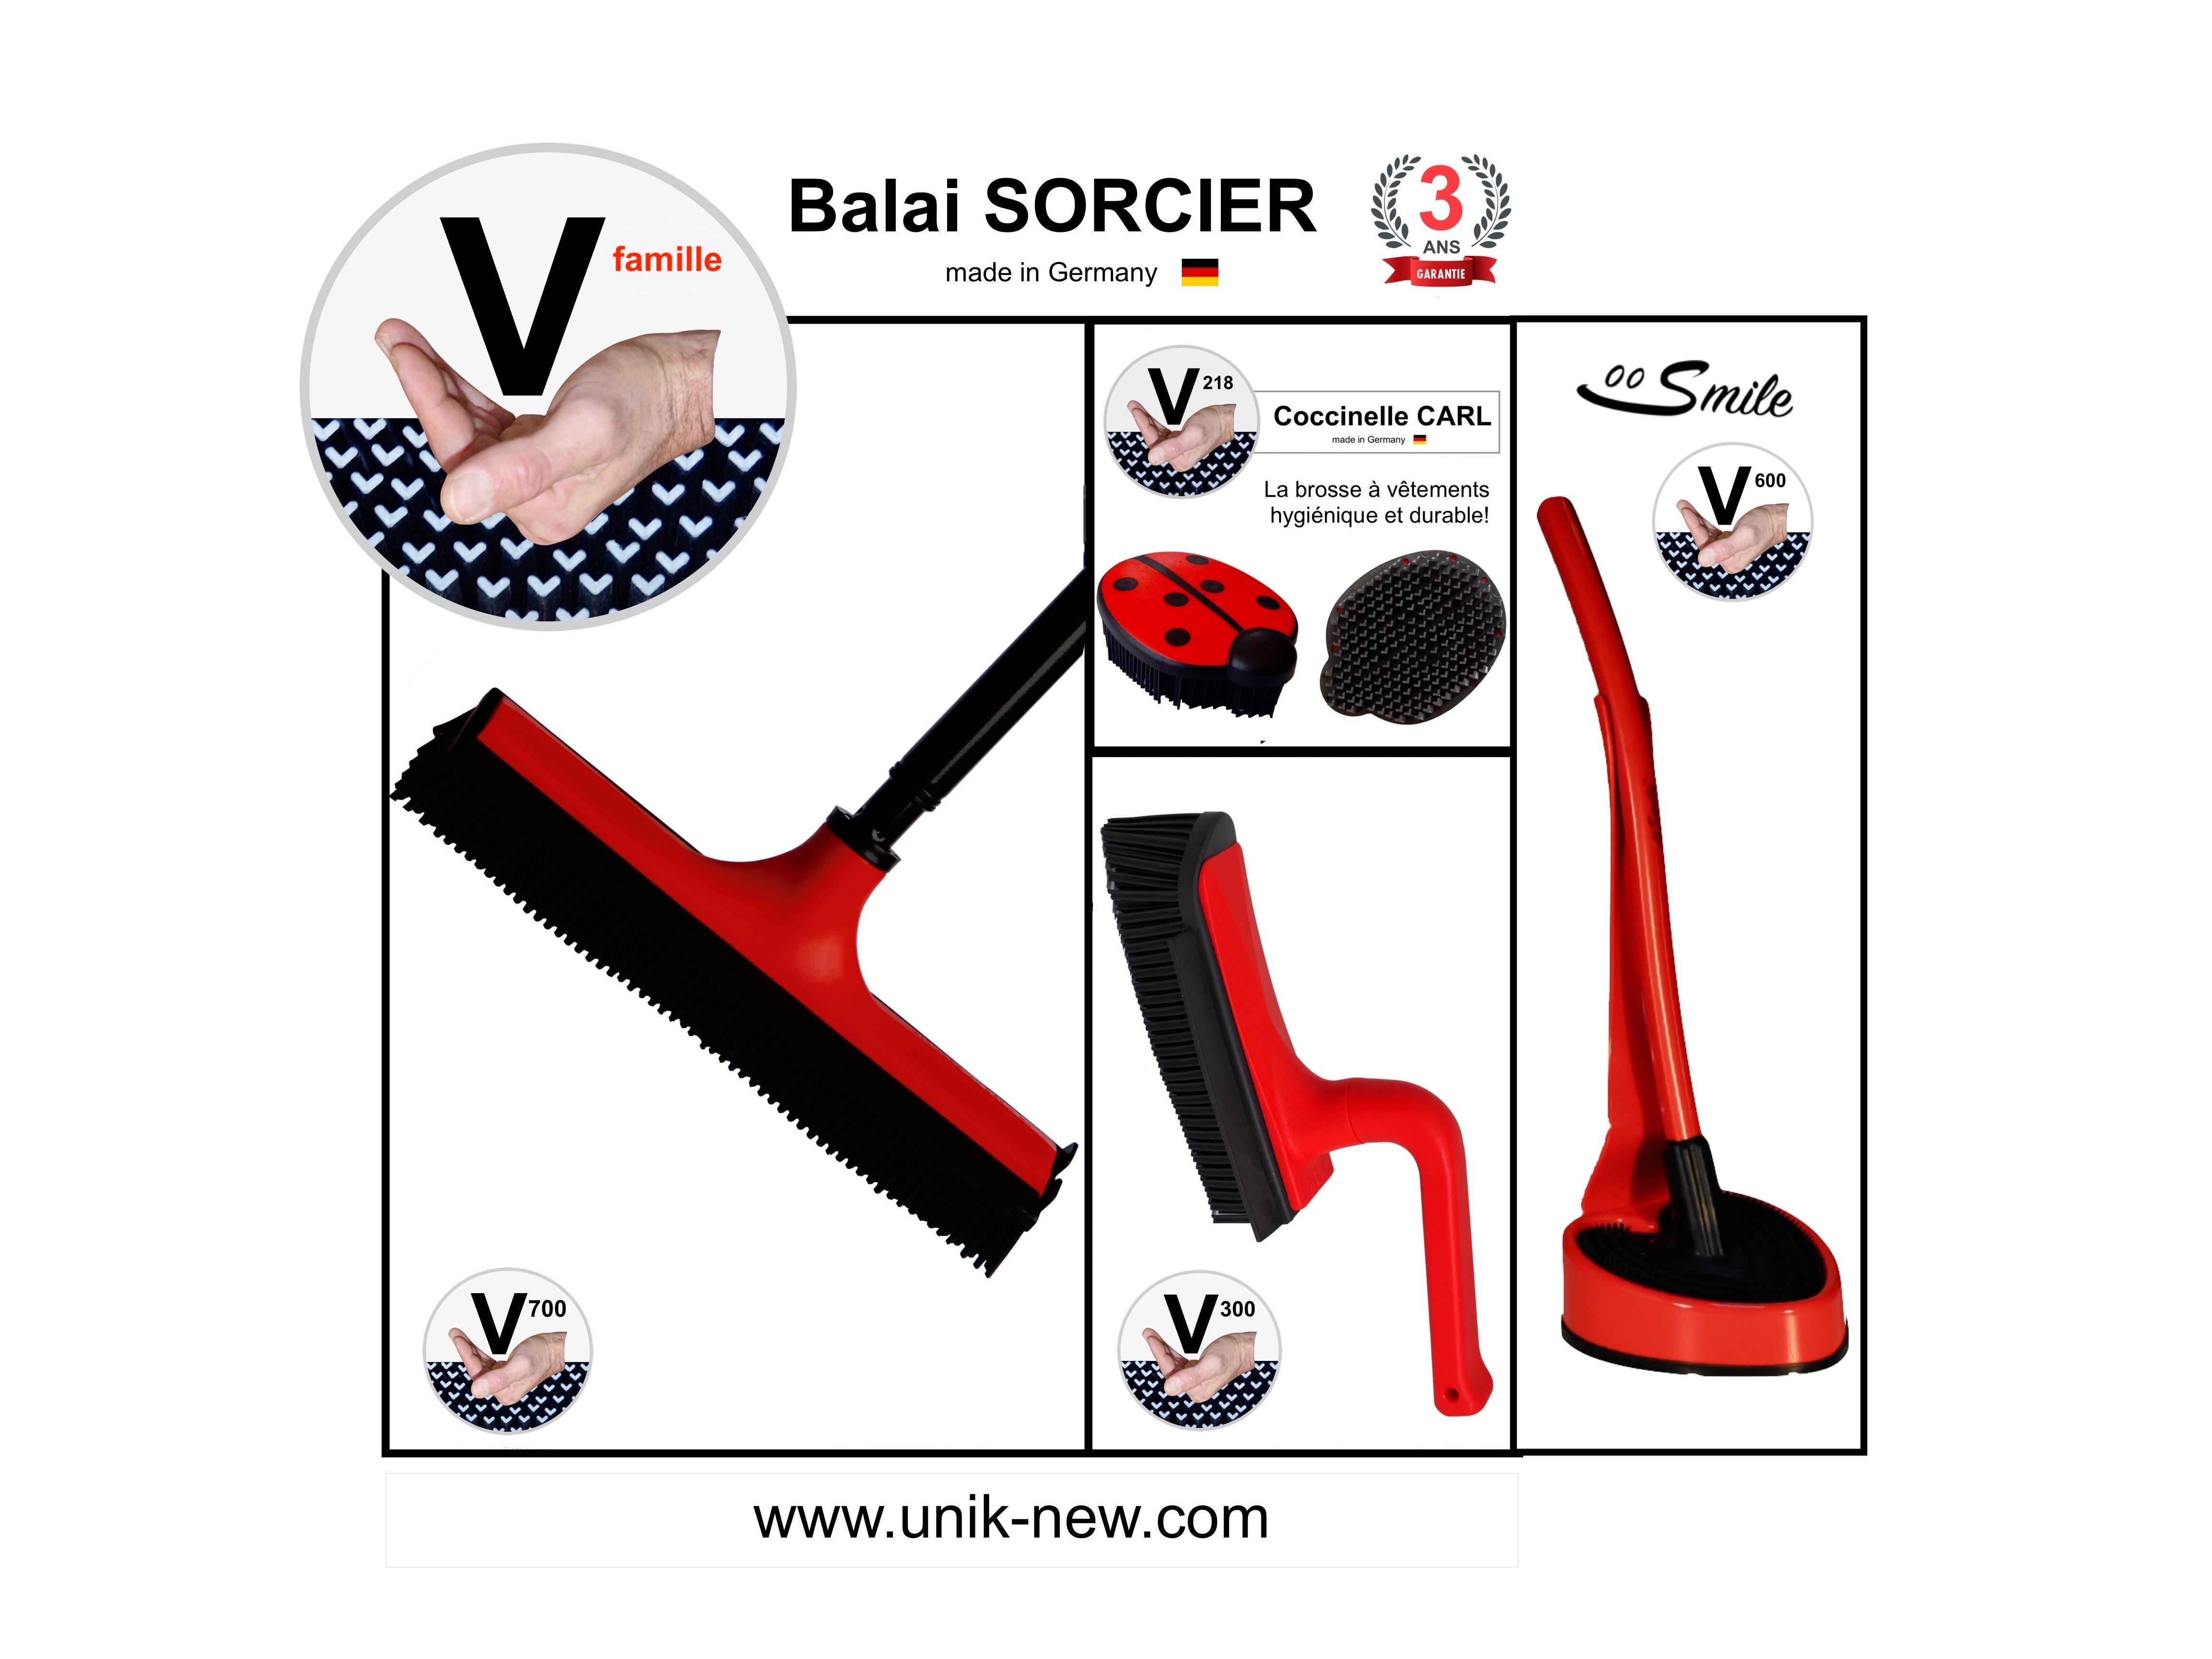 Kit Complet Balai SORCIER famille rouge